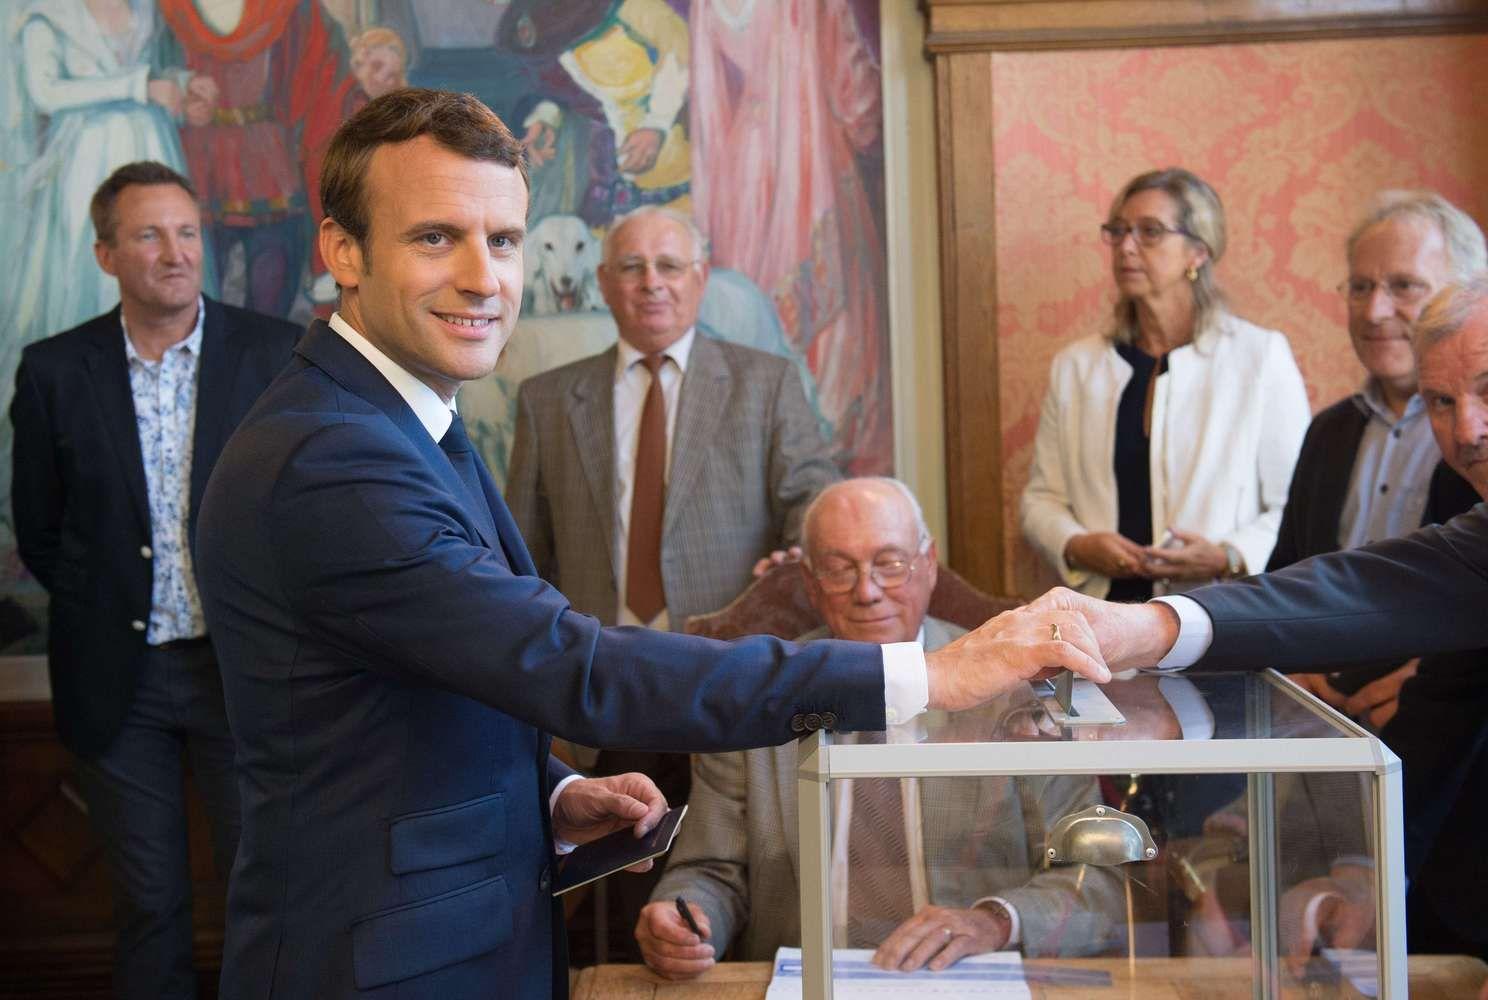 Pirminiai Prancūzijos rinkimų rezultatai palankūs Macrono partijai